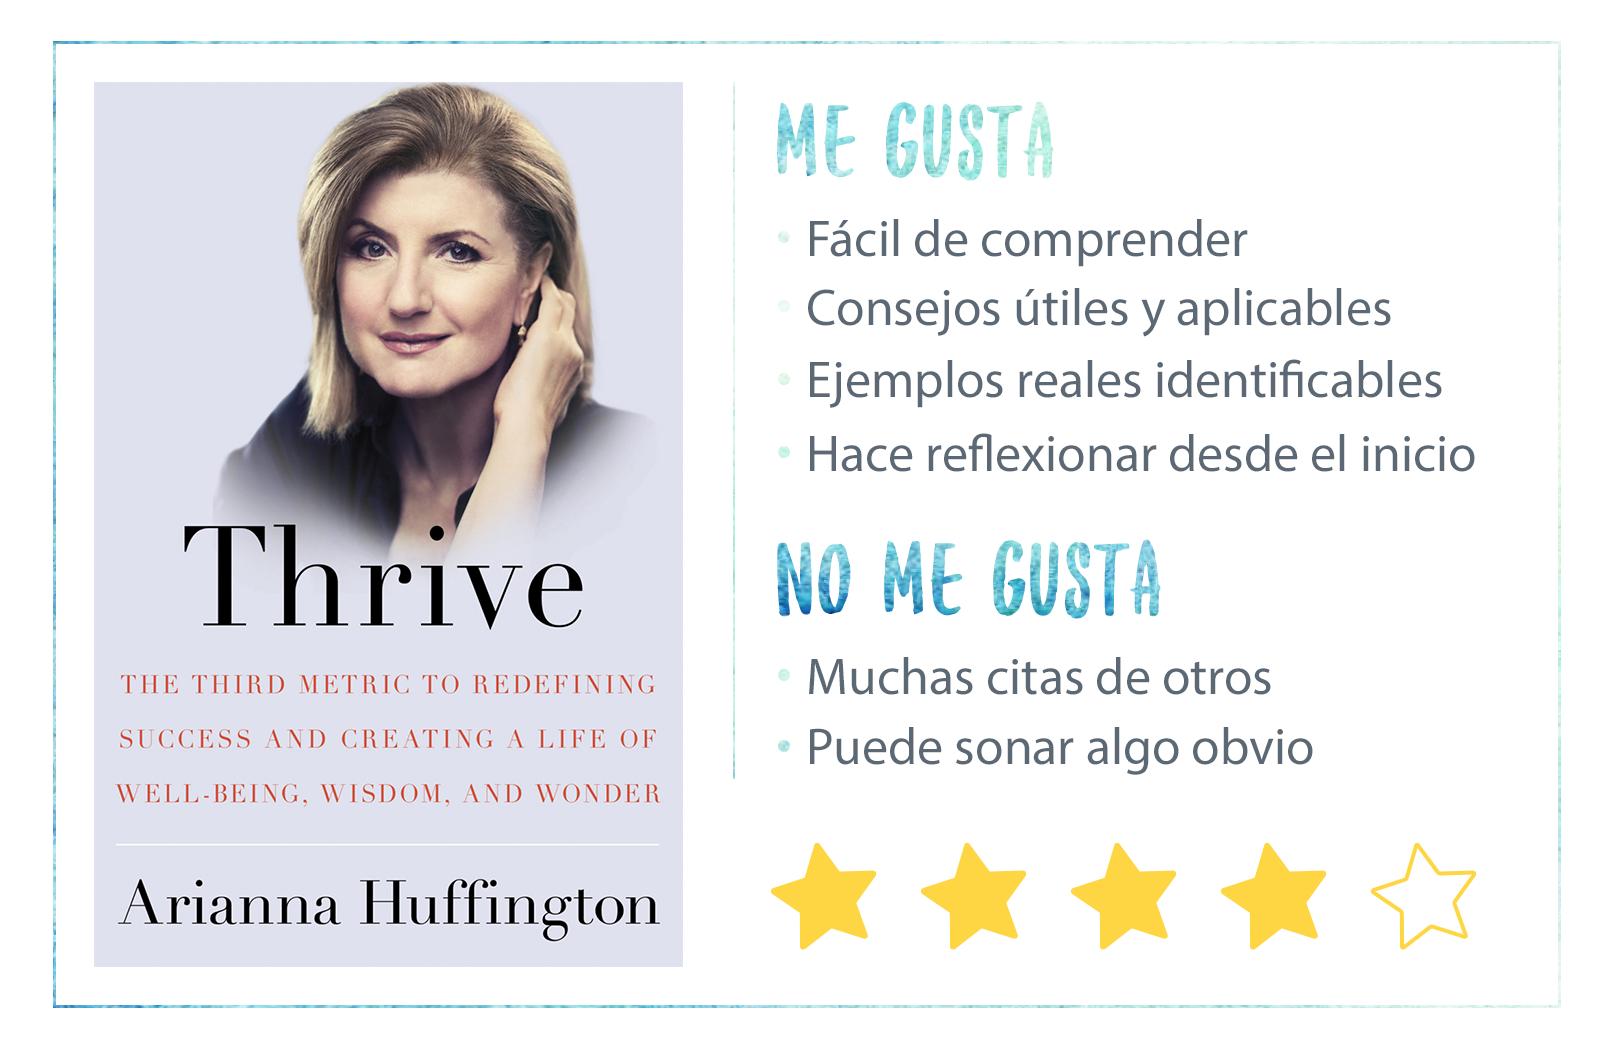 Nota del libro Thrive de Arianna Huffington